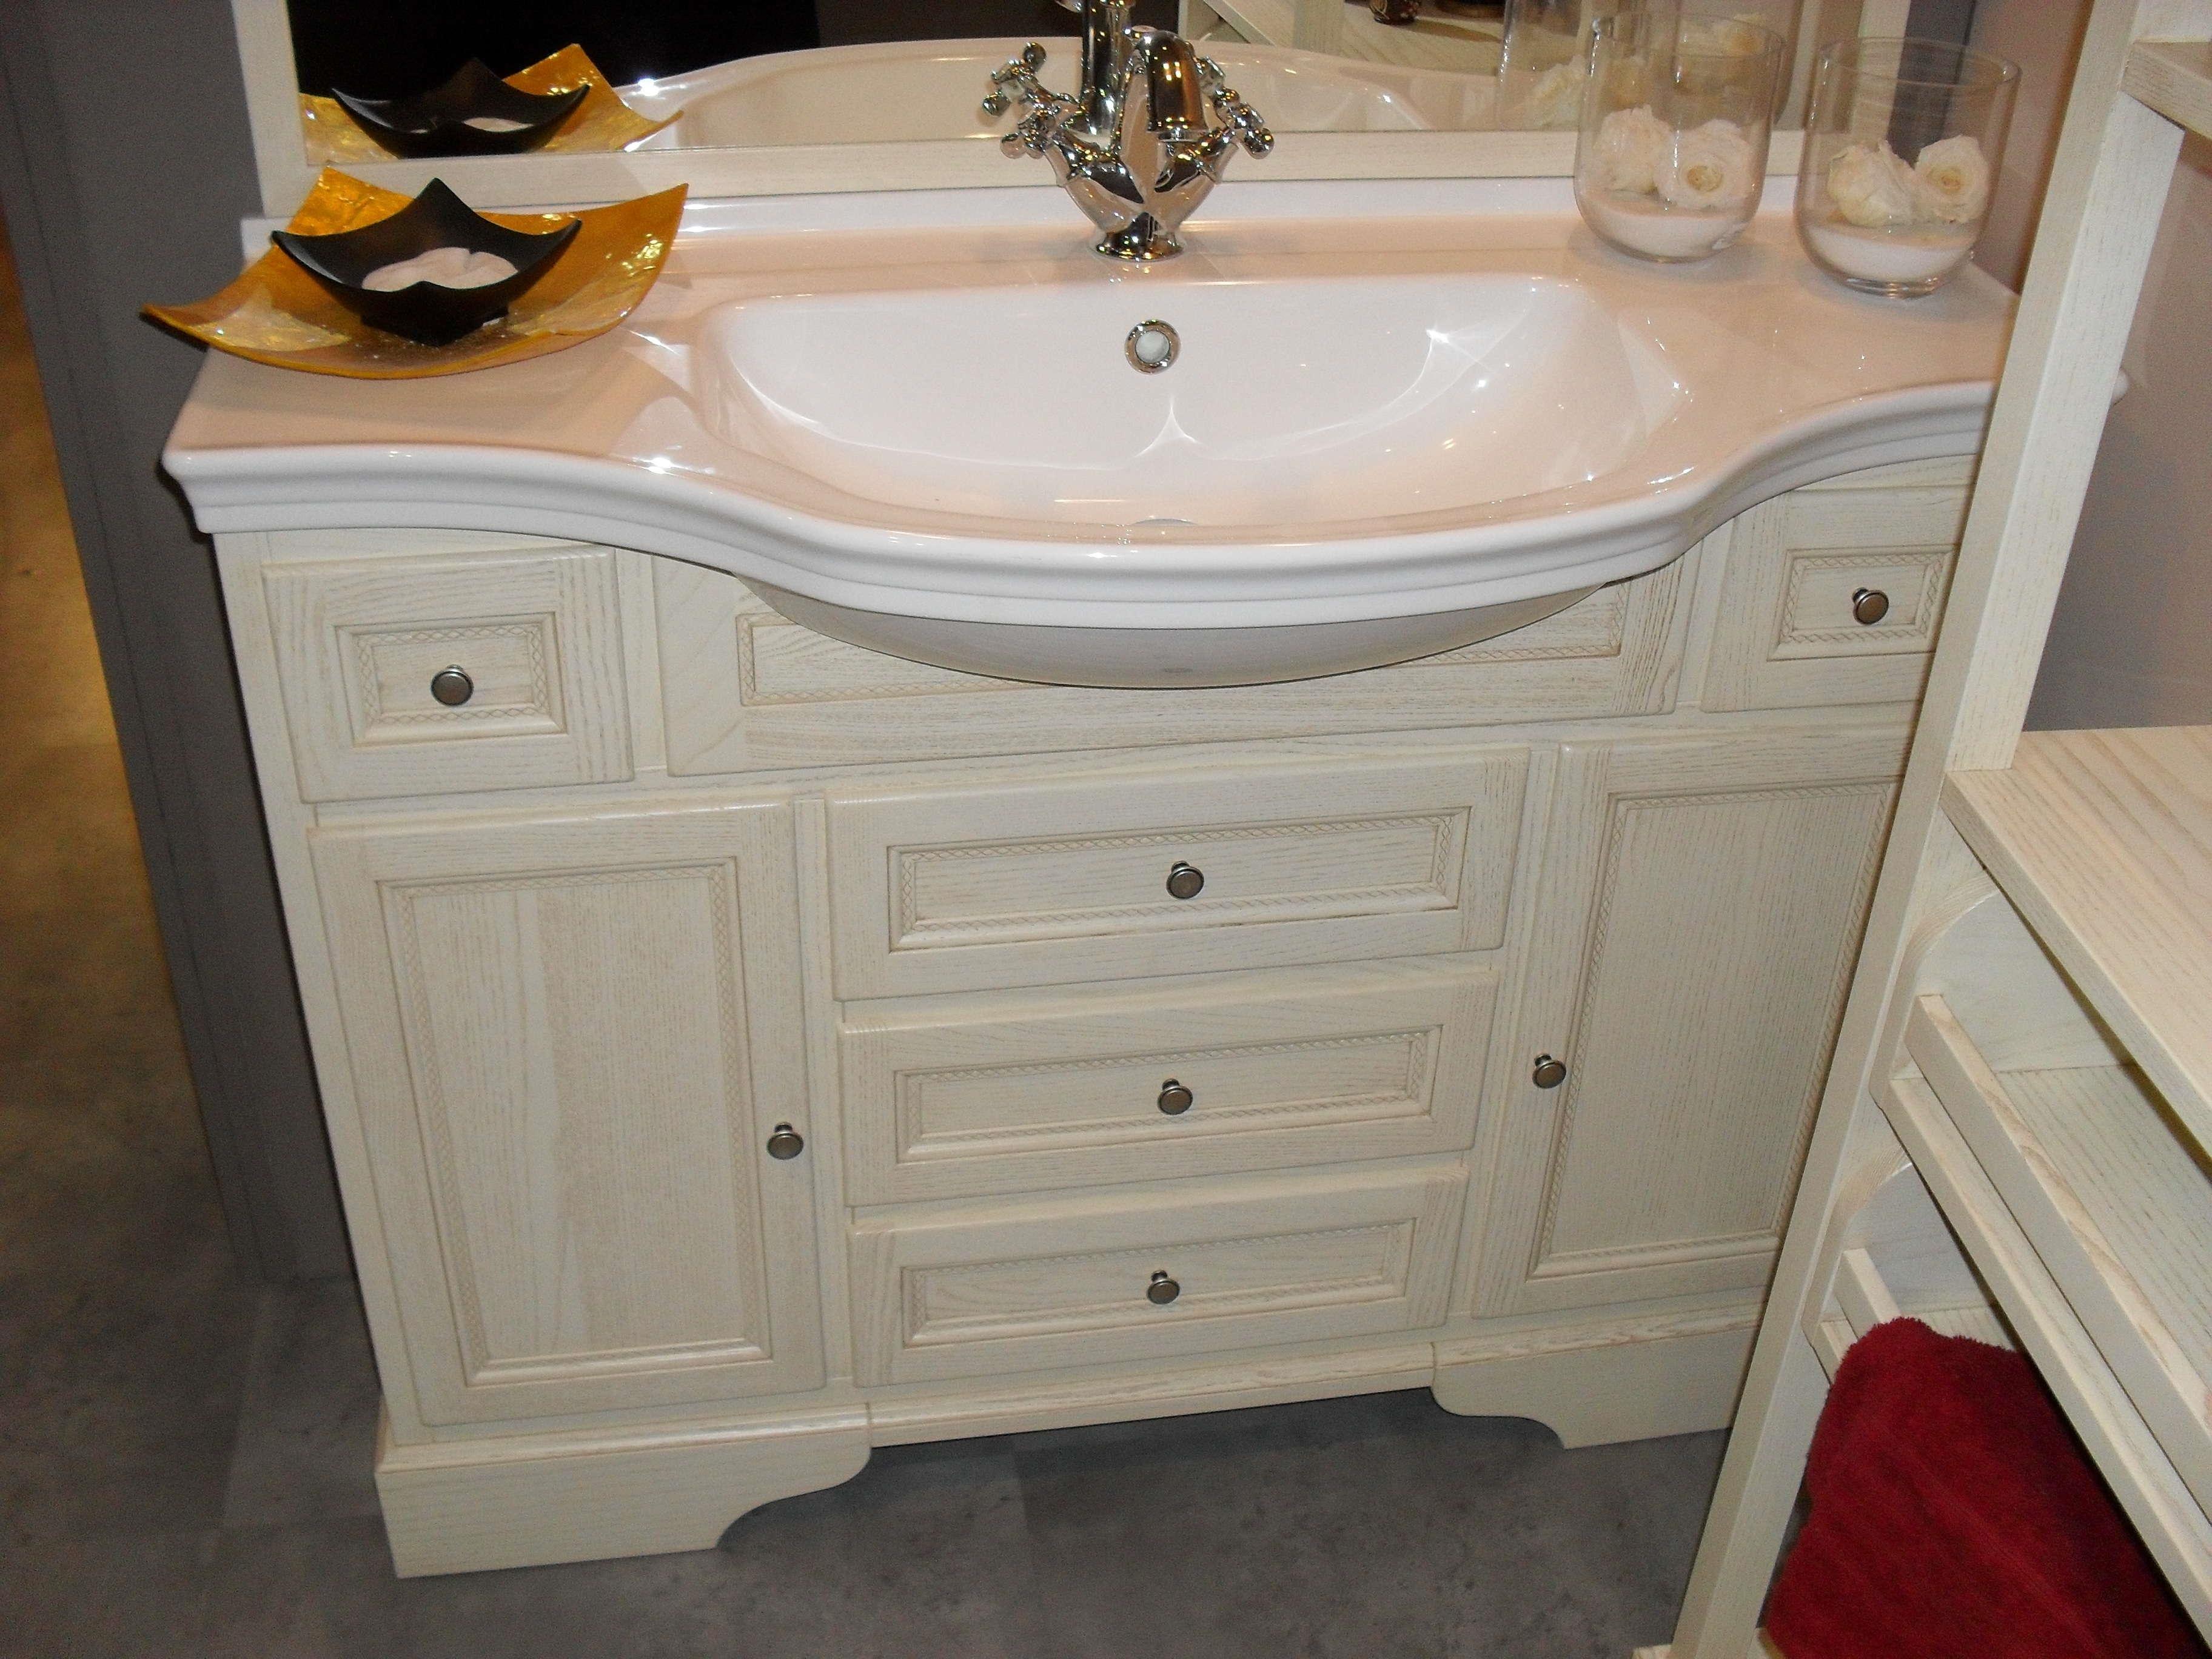 bagno classico color crema scontato del 64% - arredo bagno a ... - Mobili Arredo Bagno Classici Prezzi